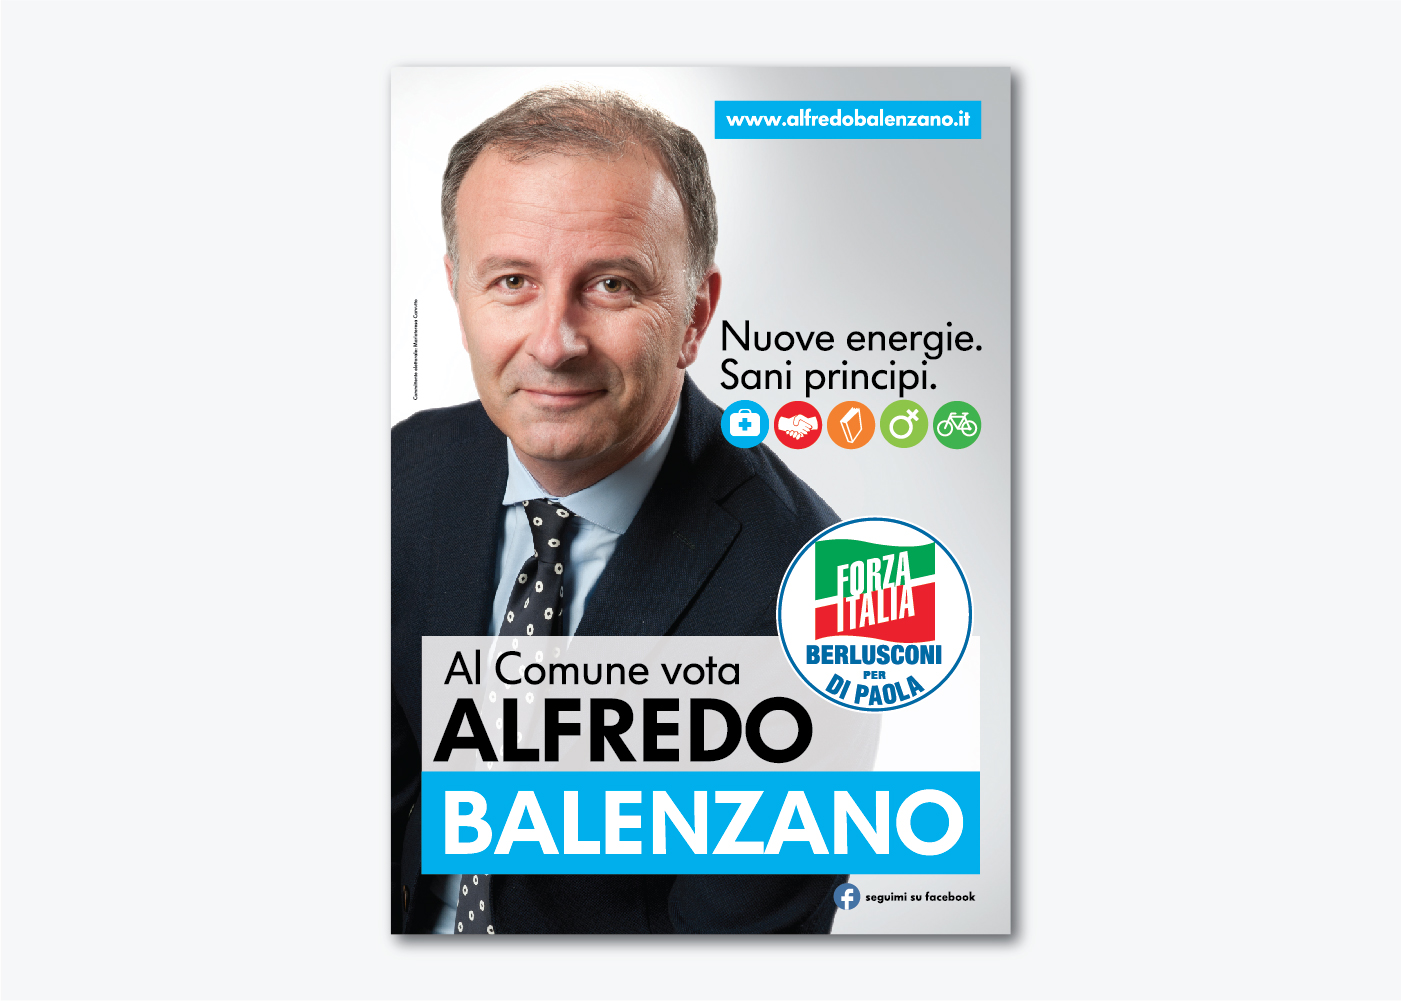 Elezioni amministrative comune di Bari